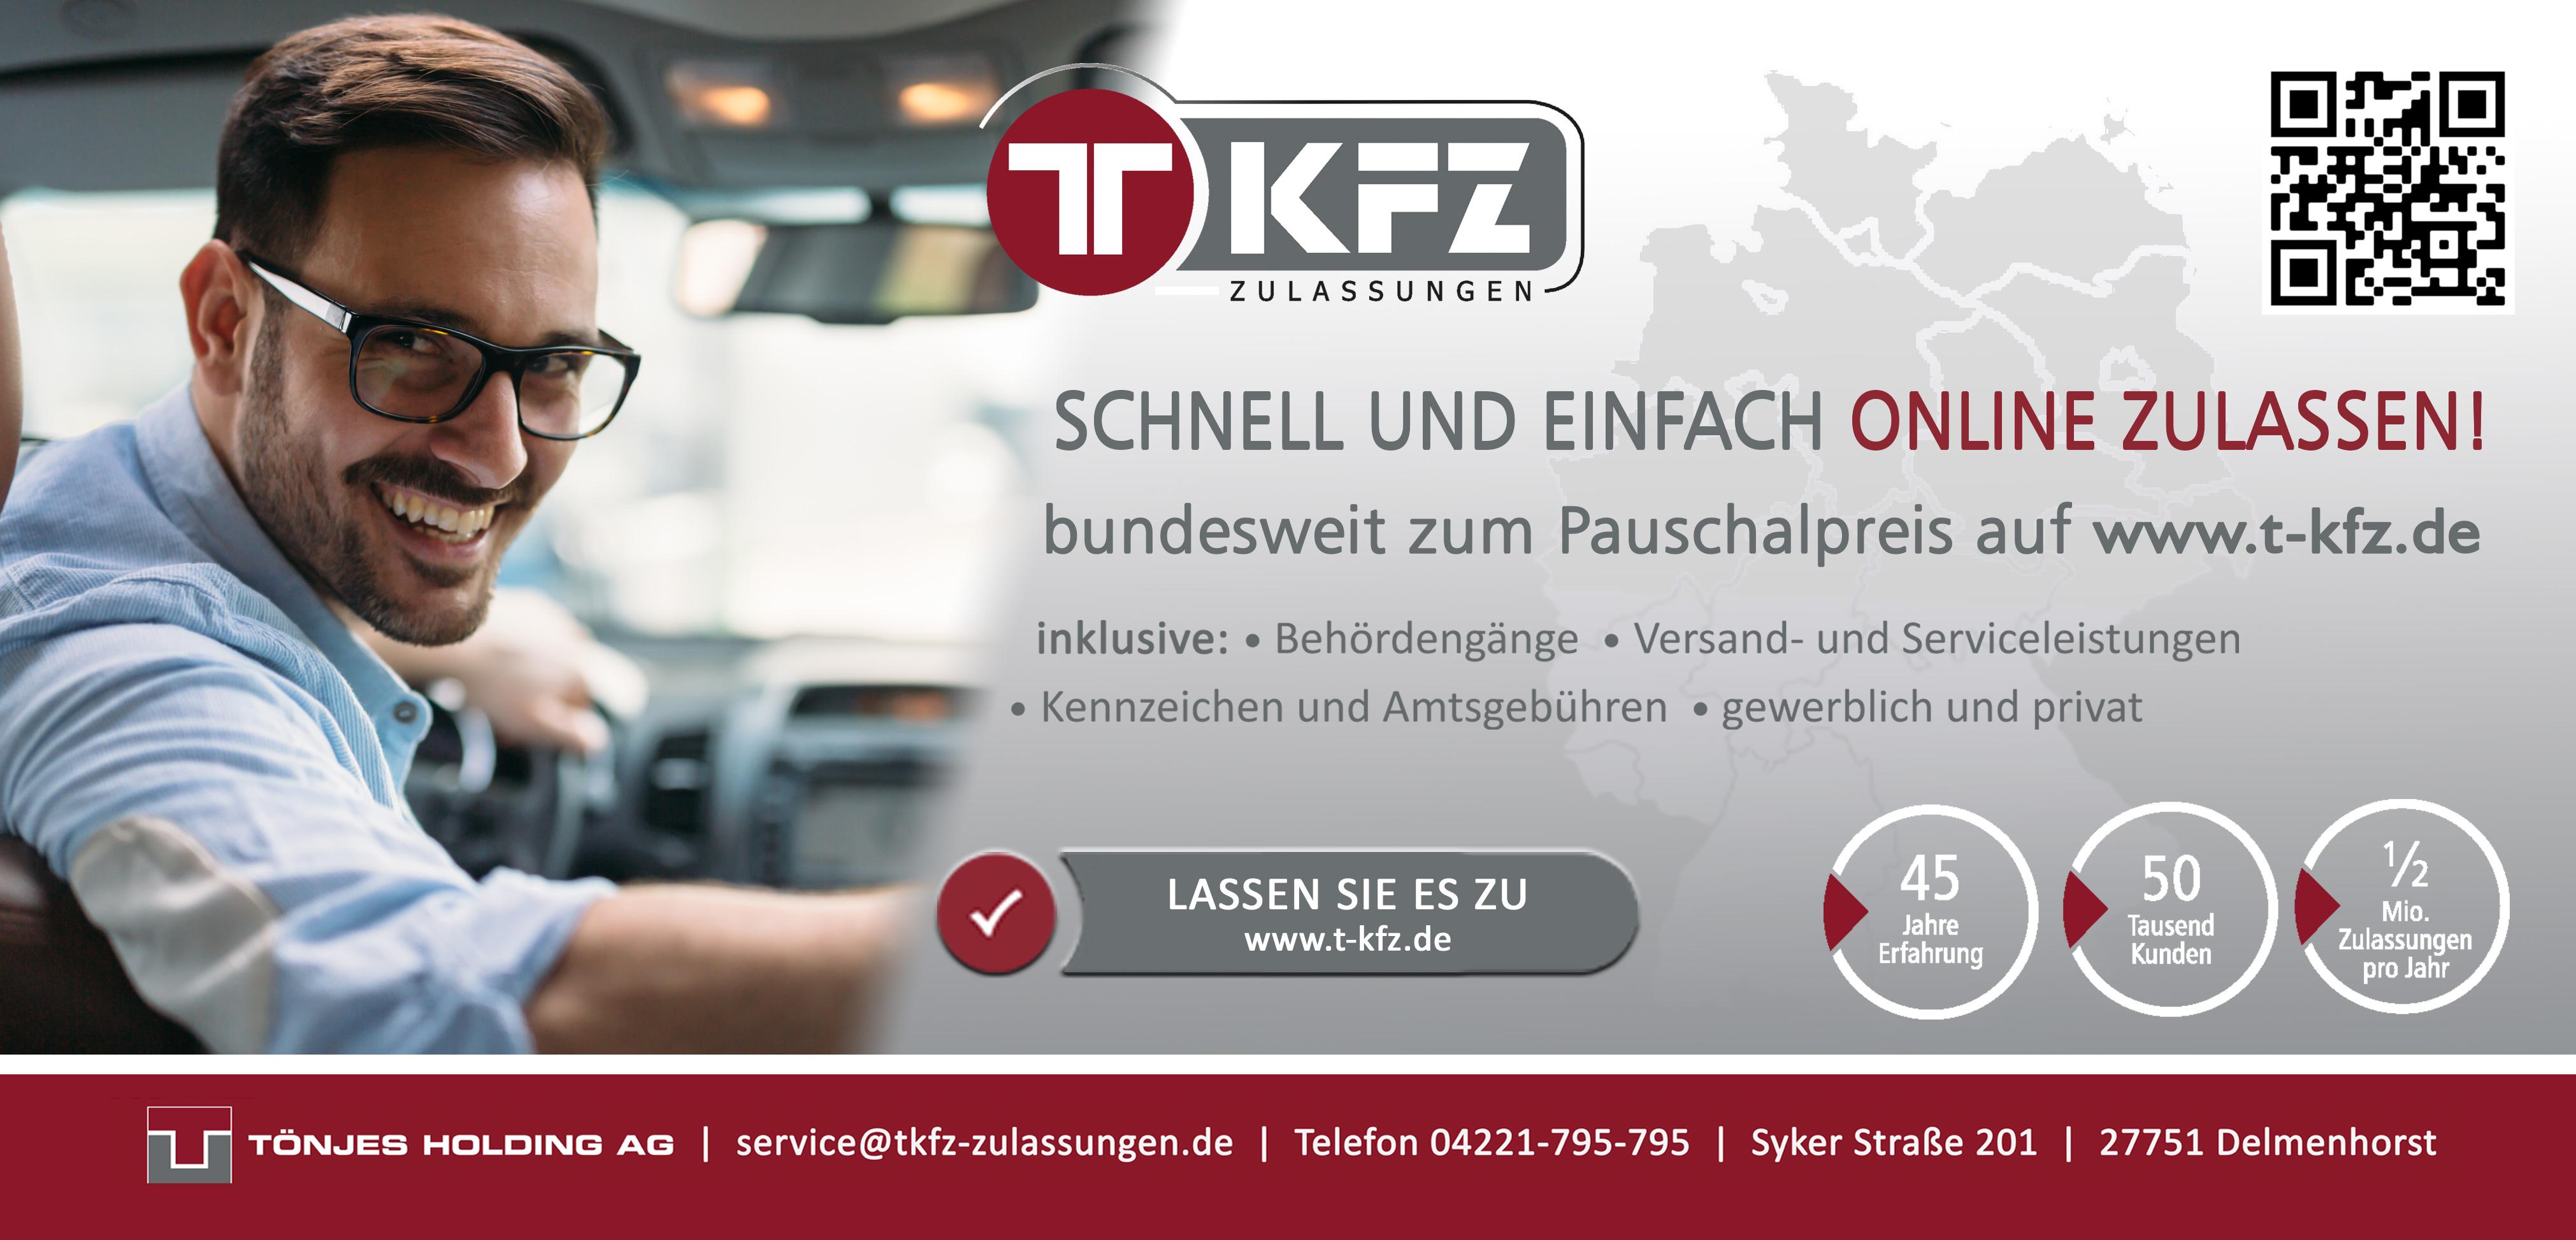 Autoschilder & Zulassungen Die Schildermacher Warnke + Hallmann Bremen